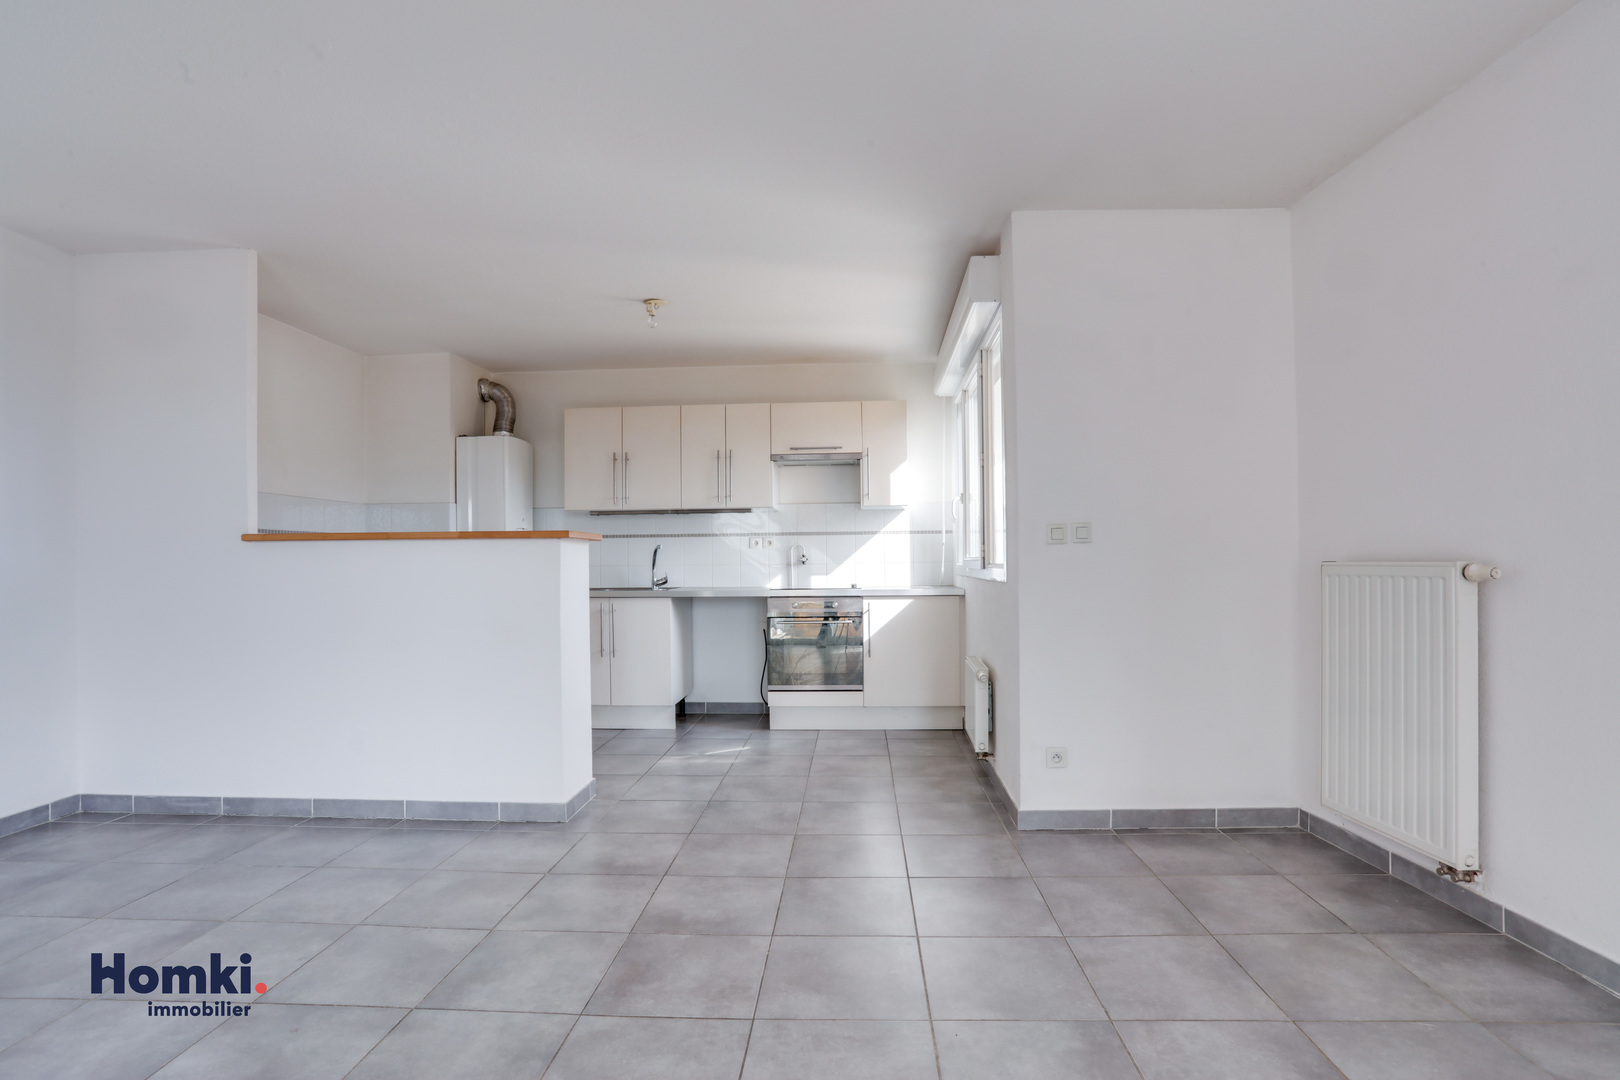 Vente Appartement 69 m² T3 34000_4